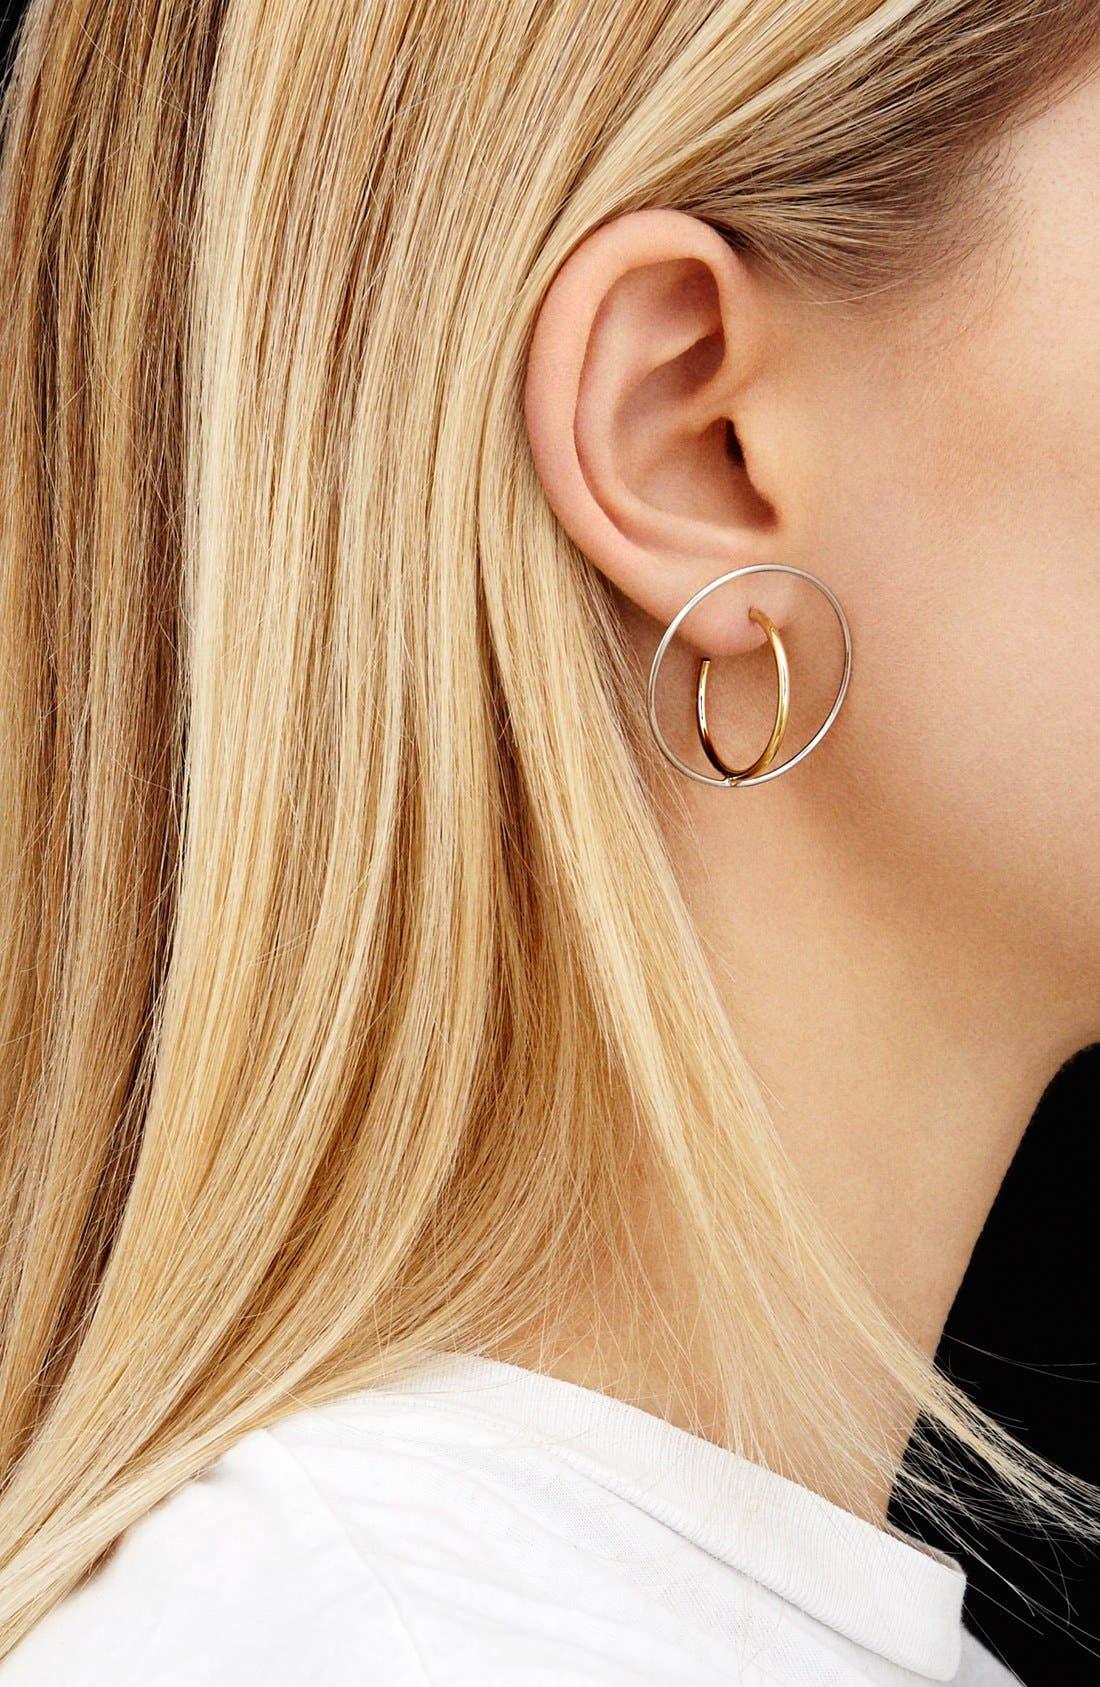 'Saturne' Earrings,                             Alternate thumbnail 2, color,                             Vermeil/ Argent